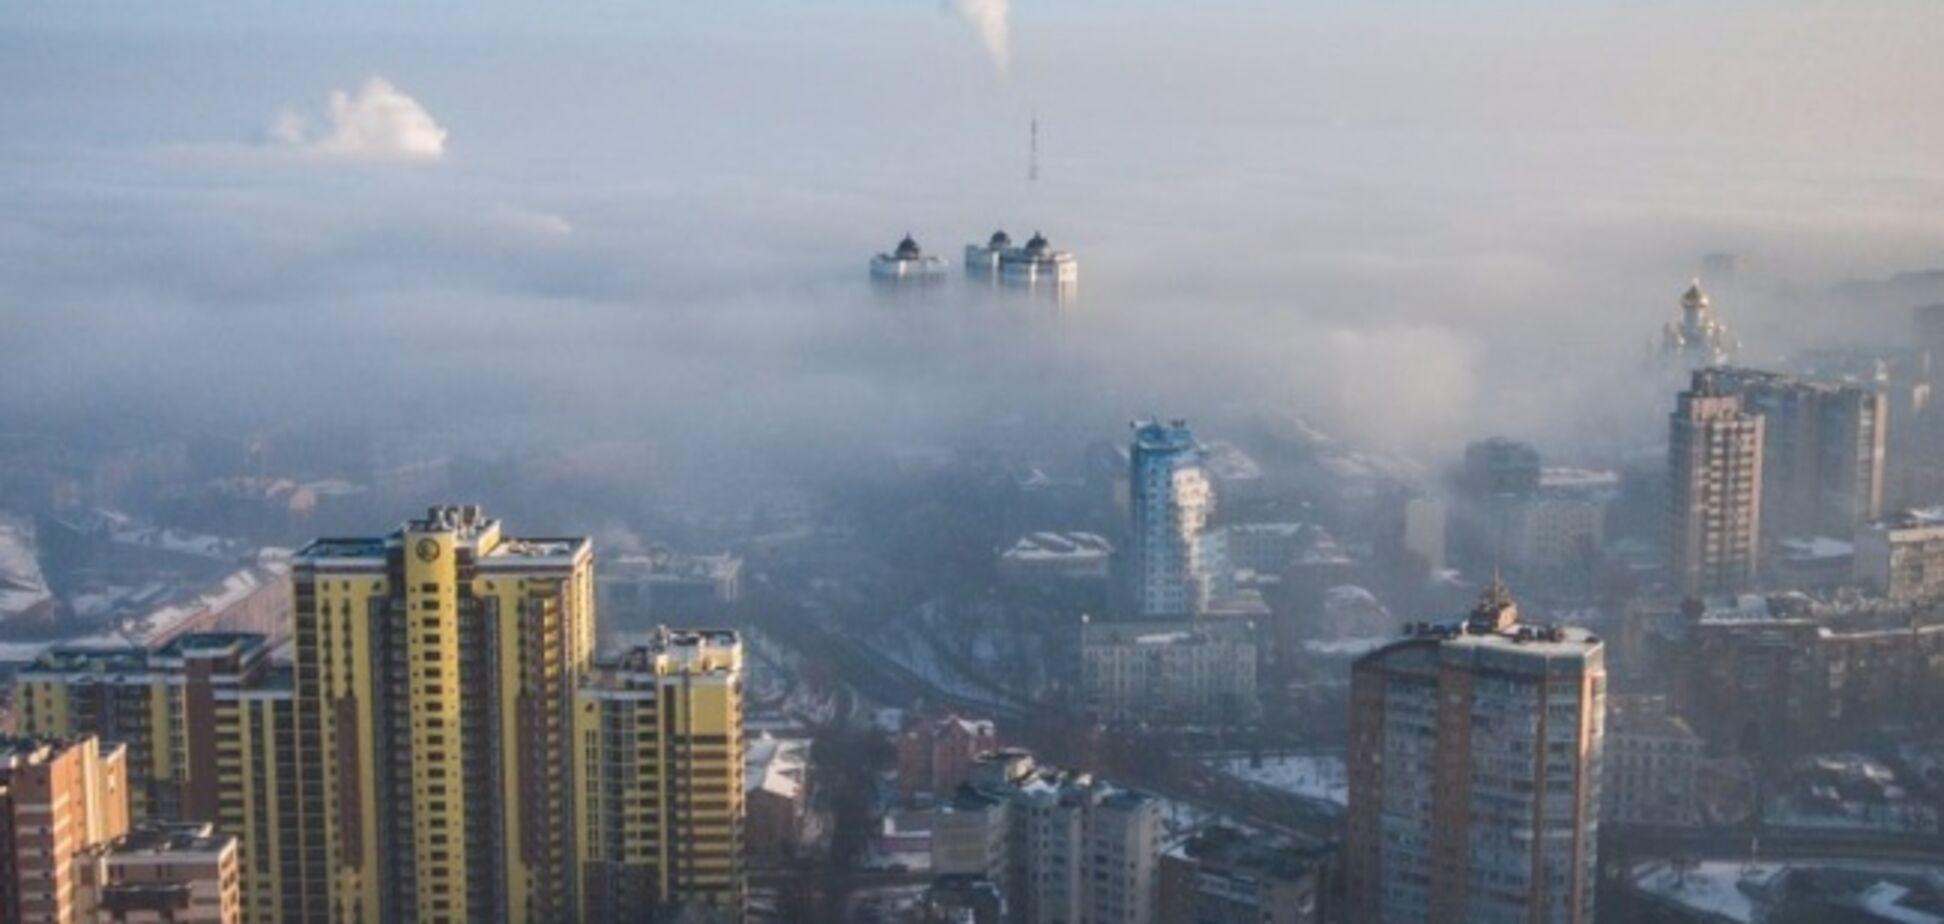 Київ - найгірше місто для життя? Еколог заявив про знищення 'захисту' столиці